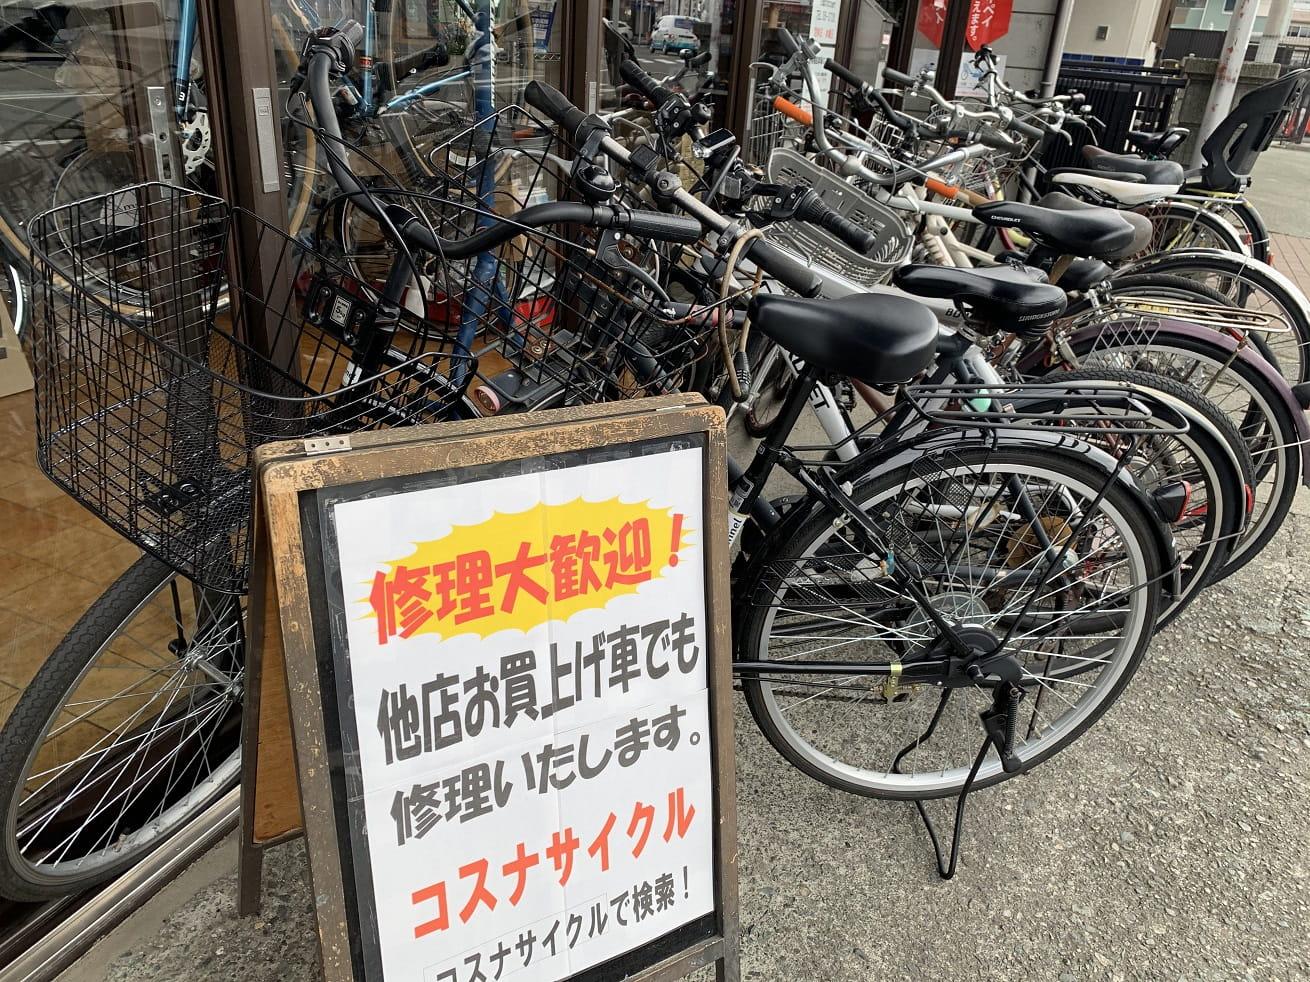 コスナサイクル店頭に修理依頼の自転車が次から次